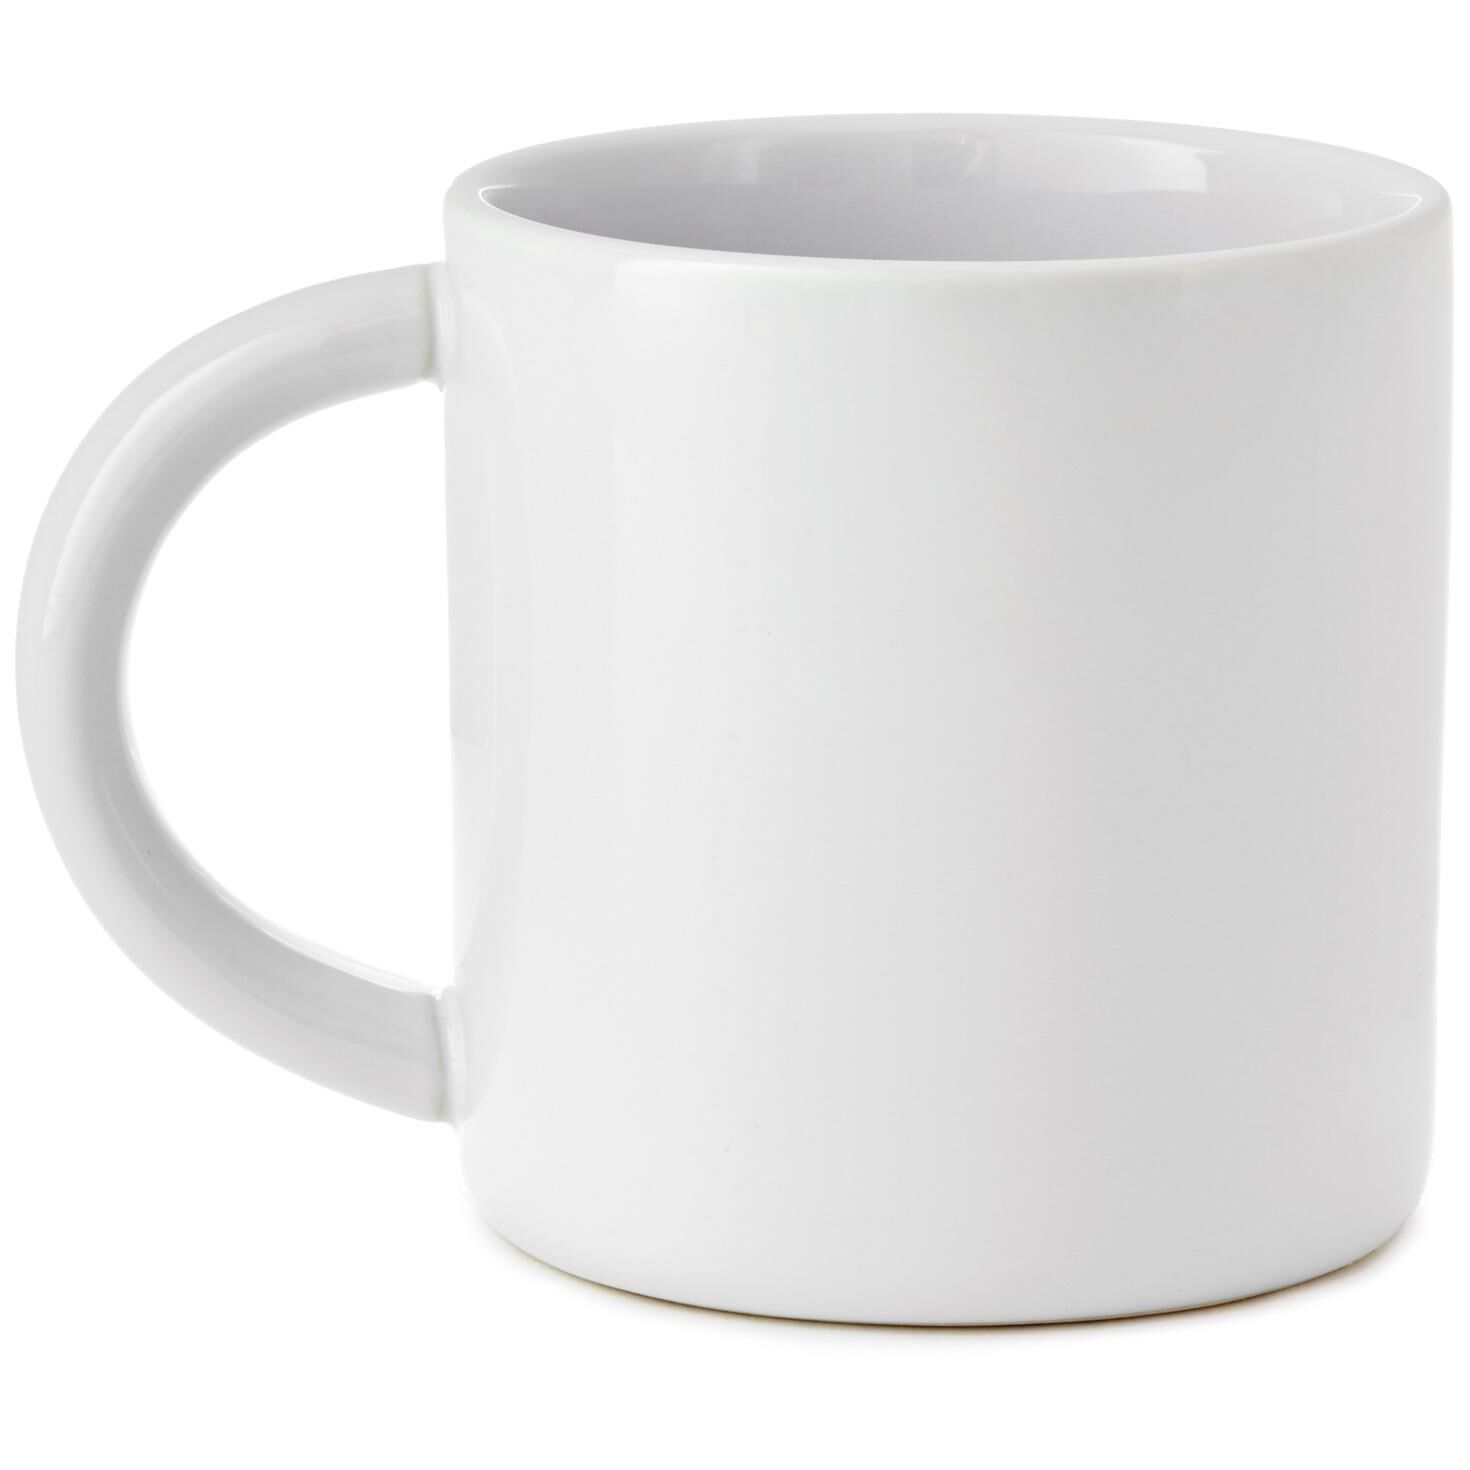 heart ceramic mug 16